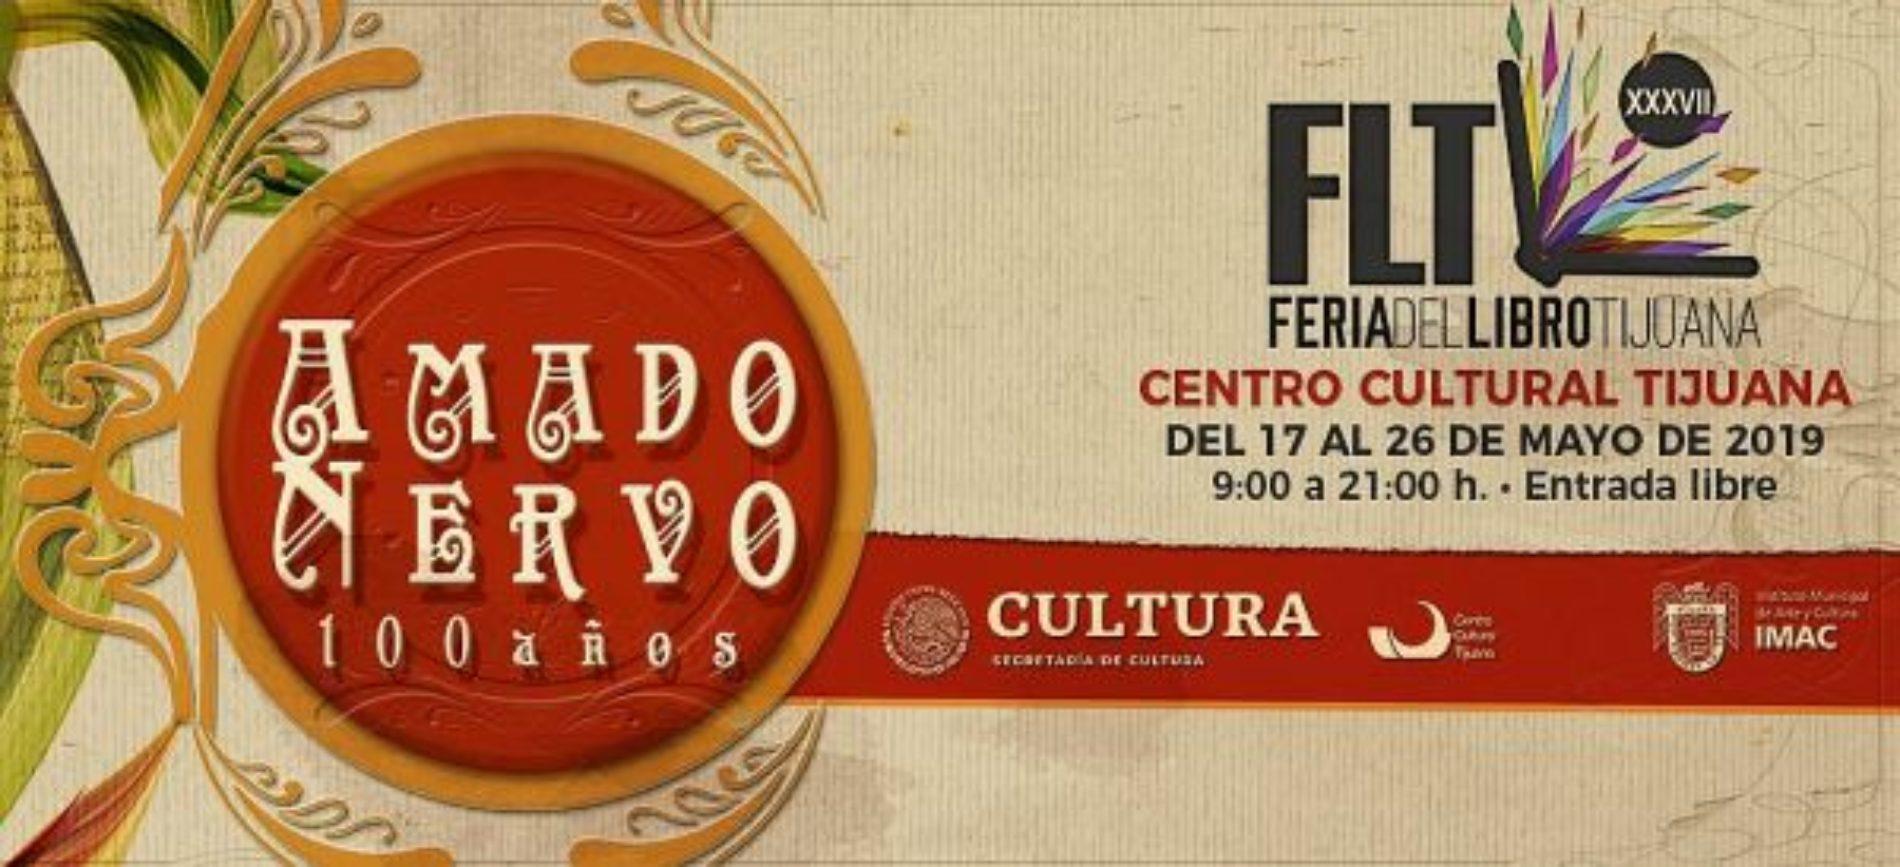 Feria del Libro de Tijuana 2019